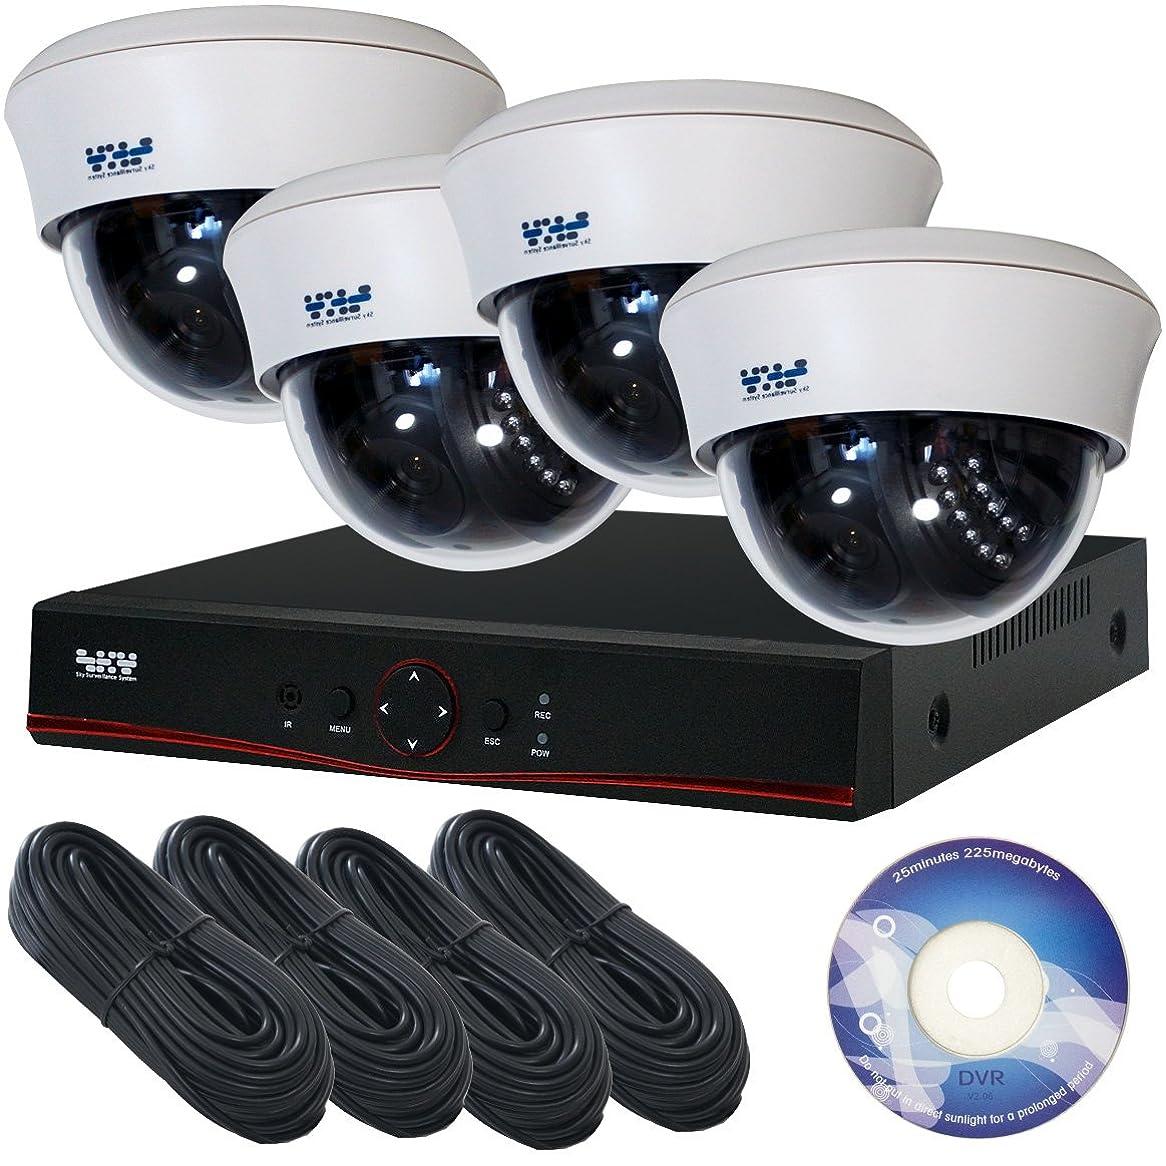 生き残りペチュランス症状SKY Electronics 屋内用ドーム型防犯カメラ 4台 録画機 1台 セット 200万画素